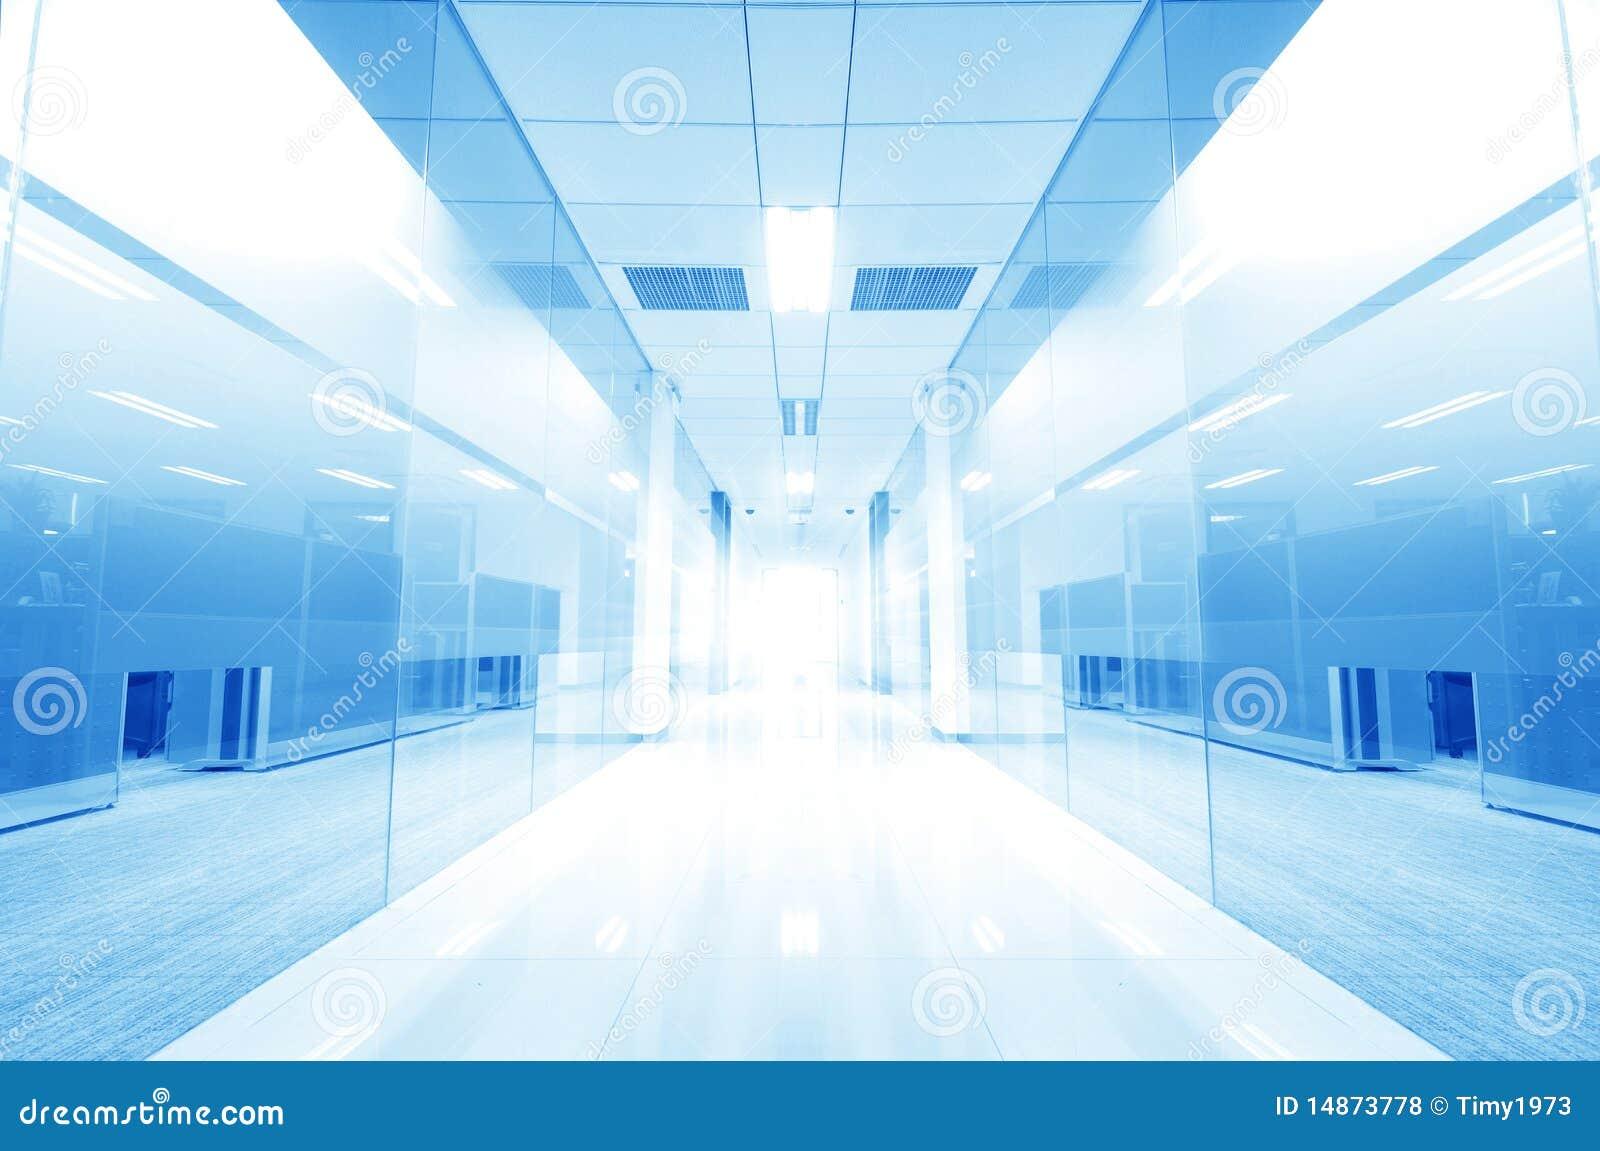 office corridor door glass. more similar stock images of office corridor door glass l